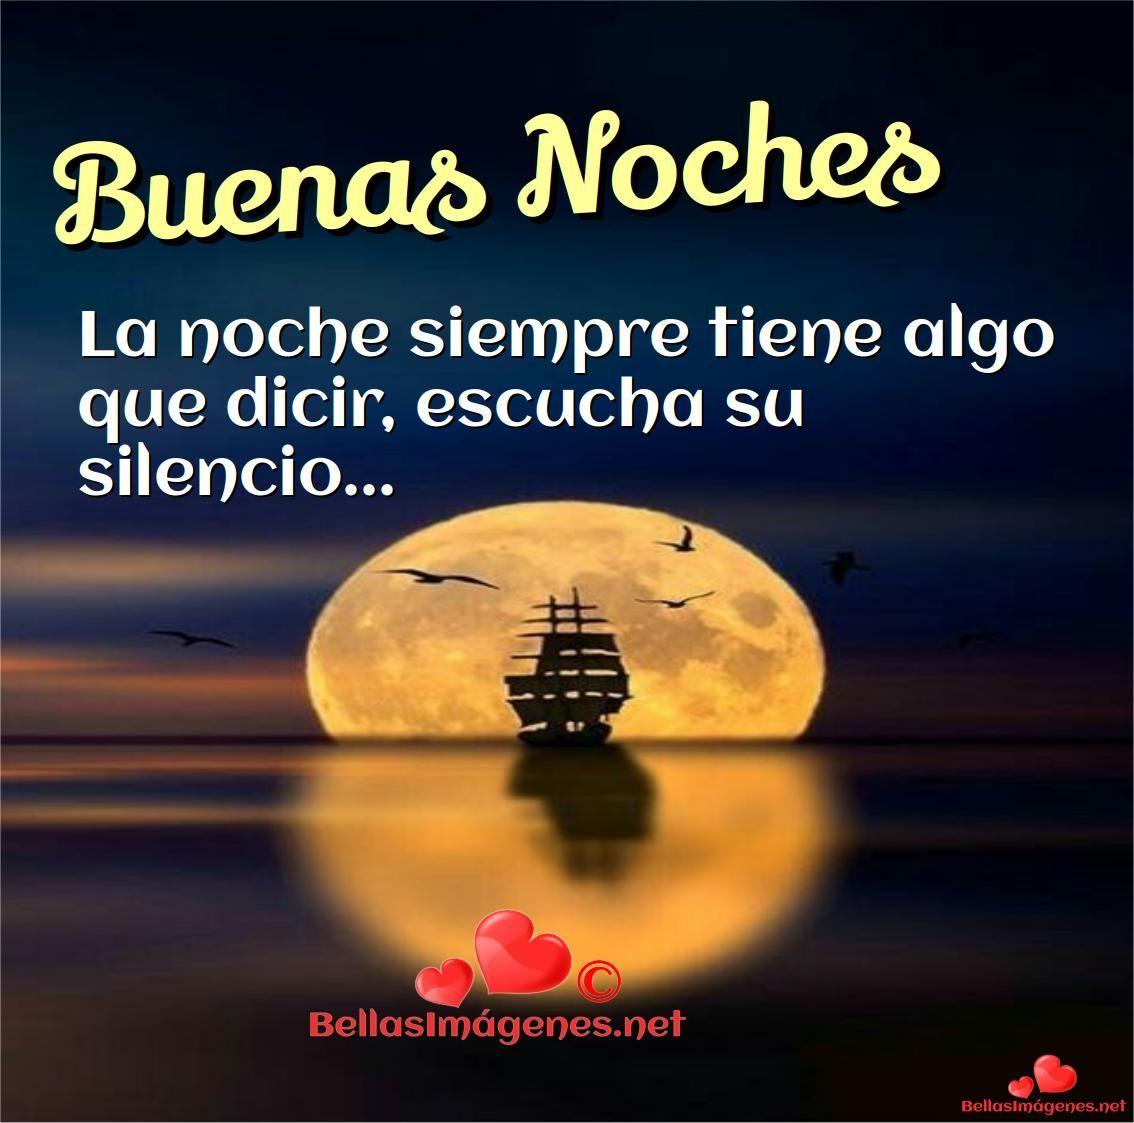 Buenas Noches Imagenes Frases Bonitas Whatsapp Facebook Funny